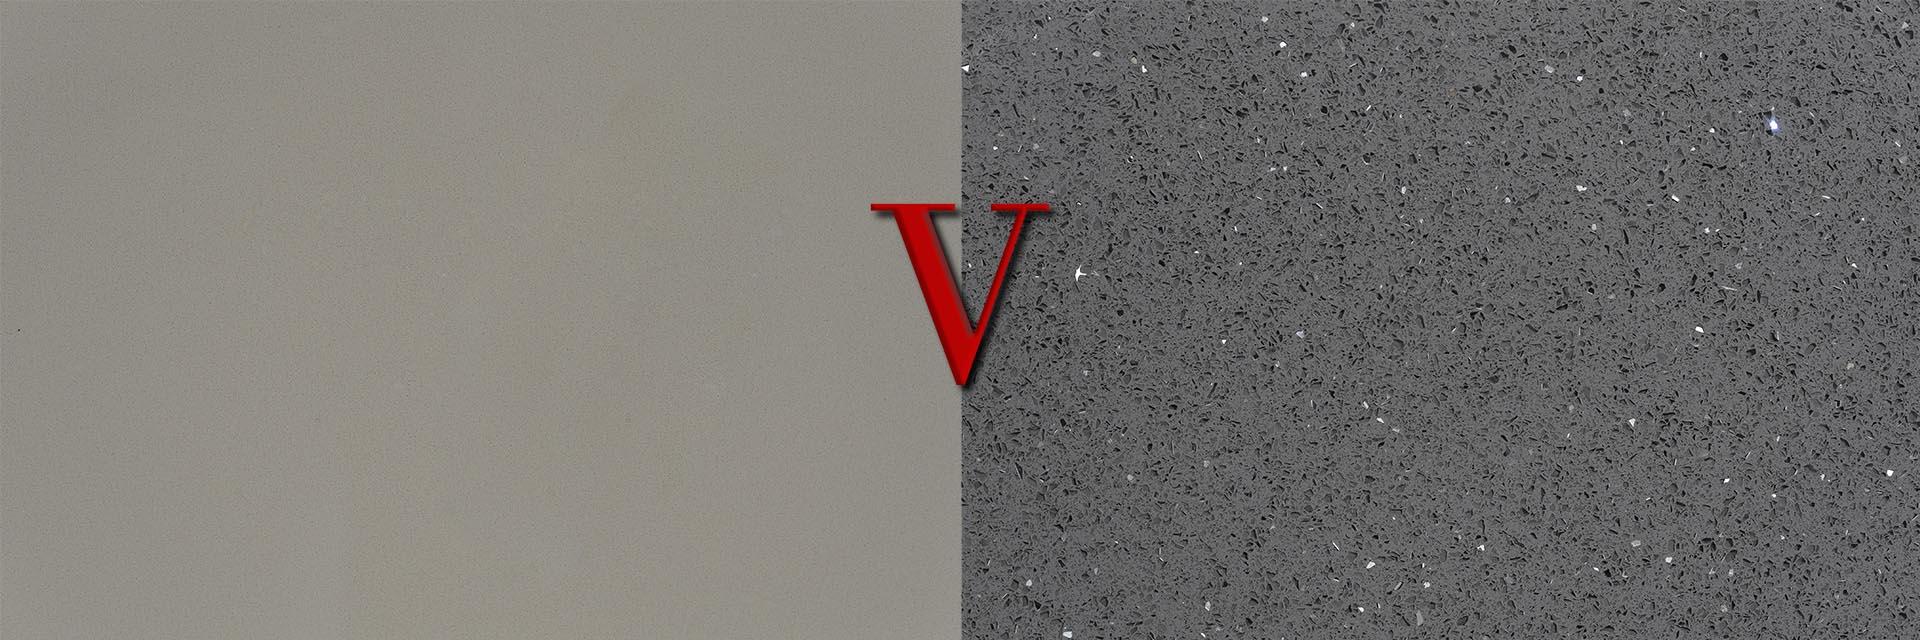 plain v sparkly quartz worktops